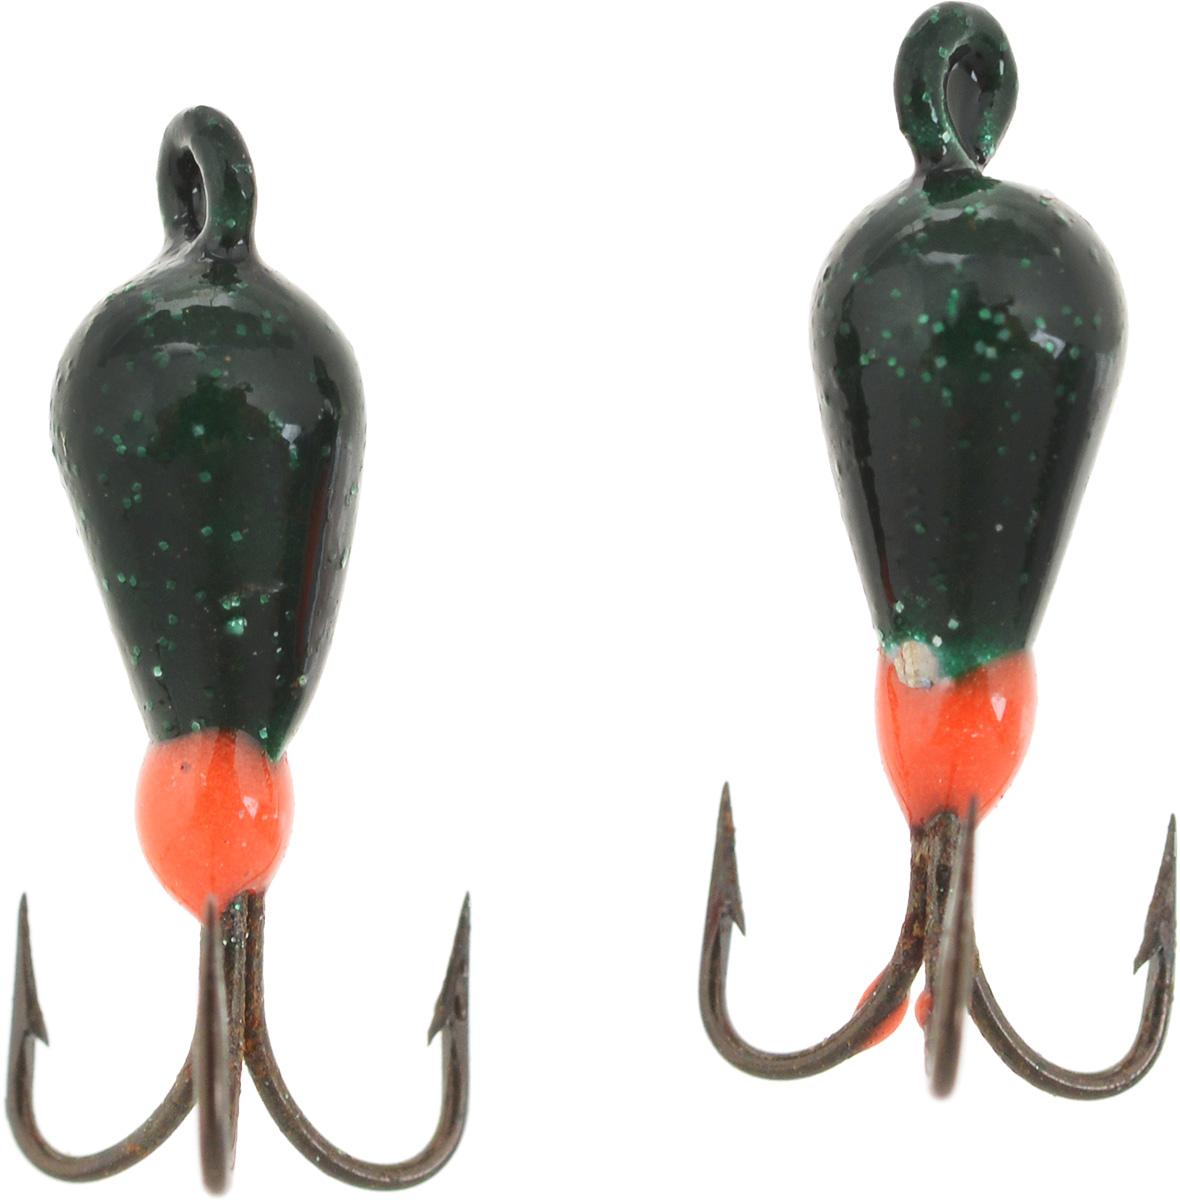 Чертик вольфрамовый Finnex, цвет: темно-зеленый, оранжевый, 0,56 г, 2 шт41658Вольфрамовый чертик Finnex - одна из самых популярных приманок для ловли леща, плотвы и другой белой рыбы. Особенно хорошо работает приманка на всевозможных водохранилищах. Не пропустит ее и другая рыба, в том числе окунь, судак и щука.